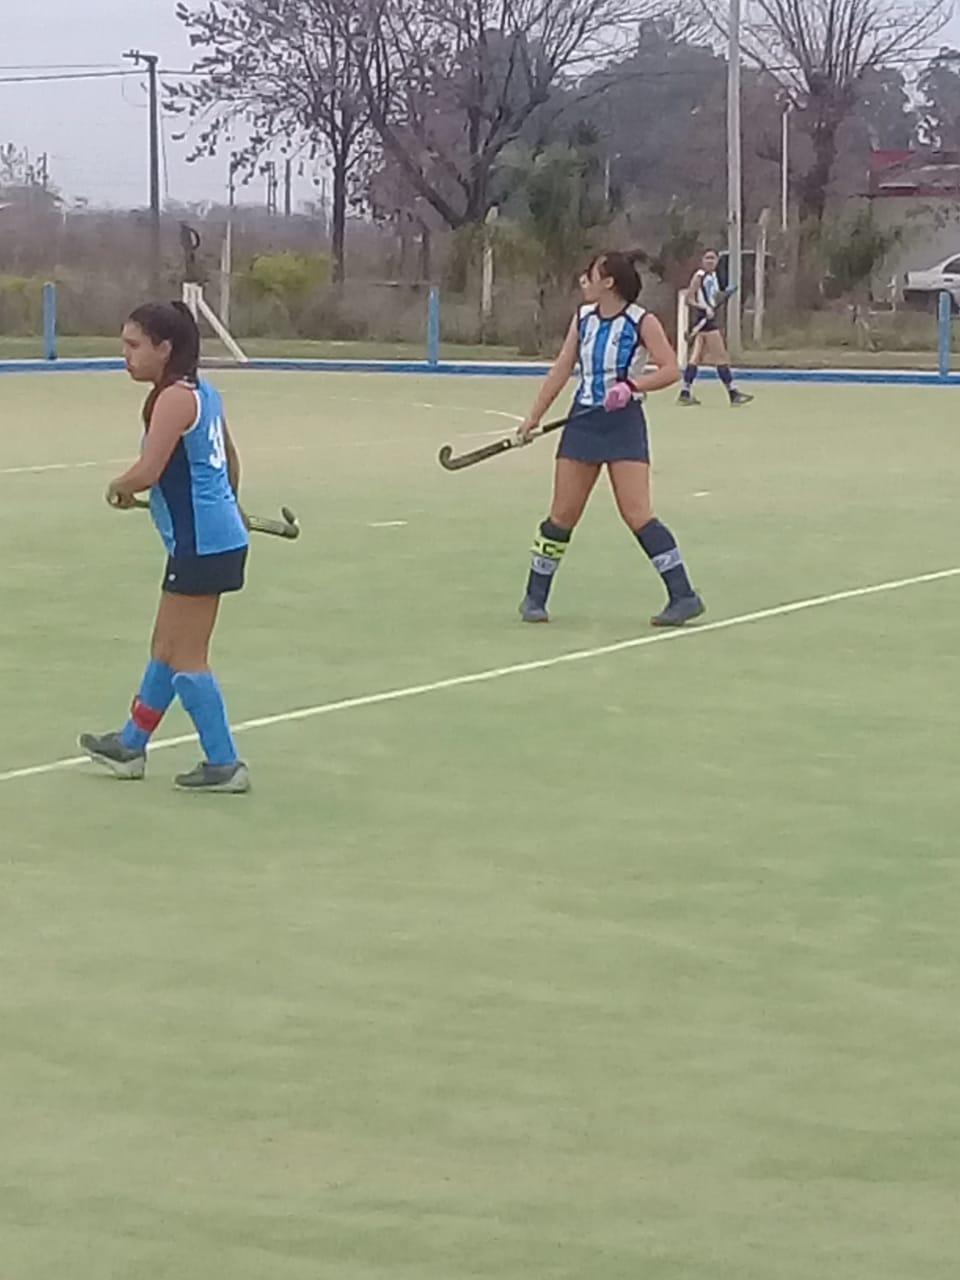 En la tarde del sábado 18 de mayo, los equipos de hockey del Club Argentino de Rojas jugaron una nueva fecha de la Asociación de Hockey del Oeste.